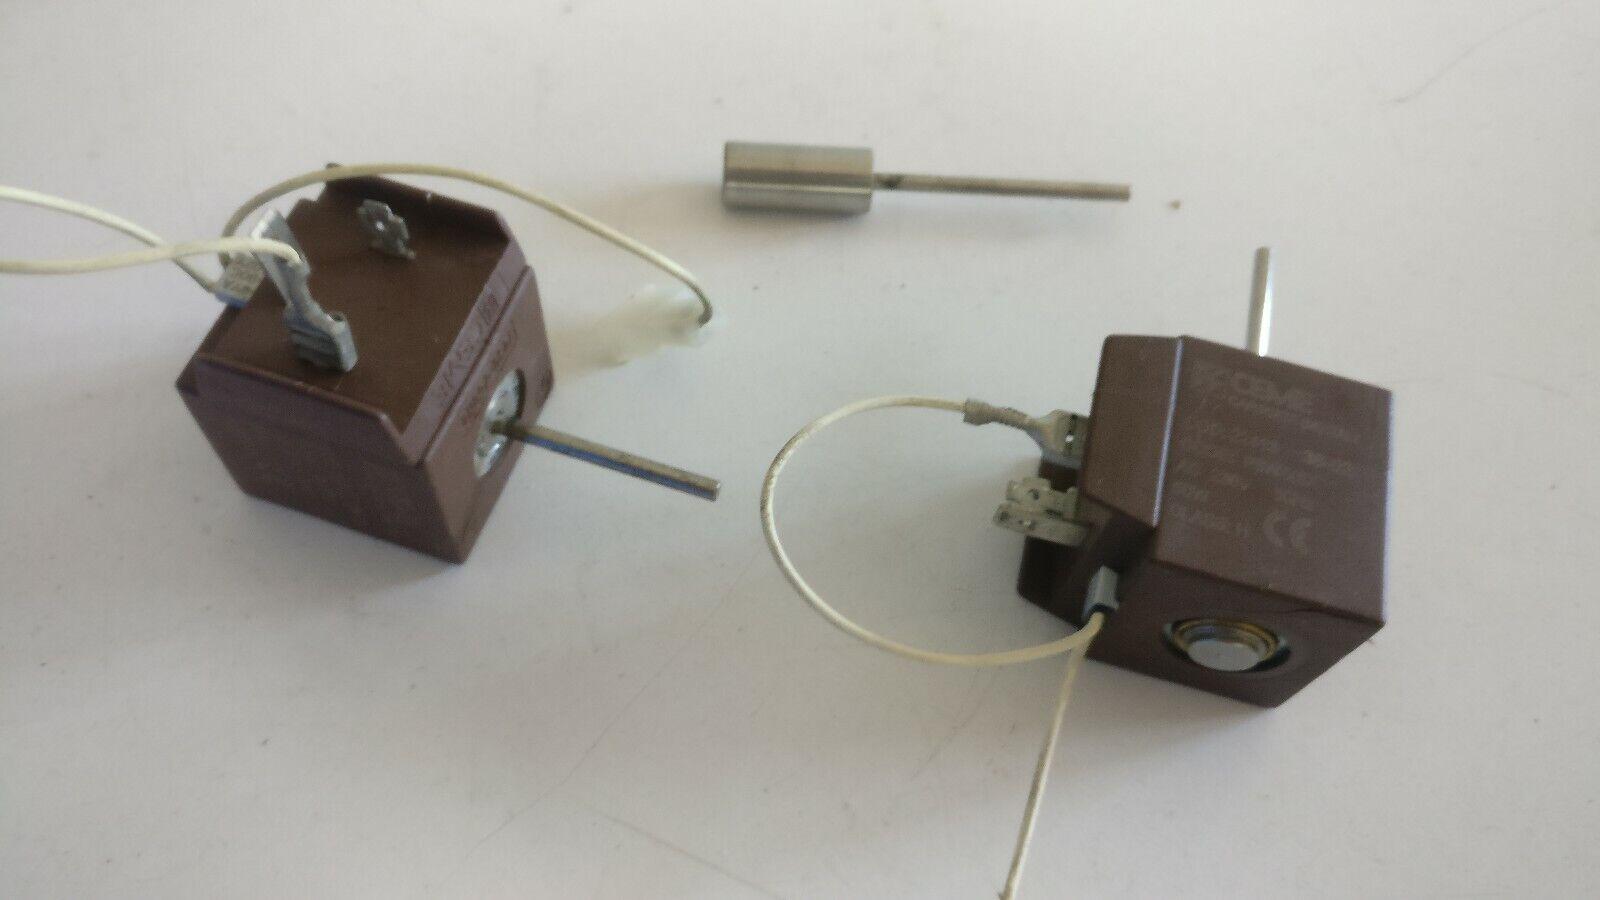 1x Magnetschalter für Jura Drainageventil 230V 50 Hz 50W CEME Spule Drainage